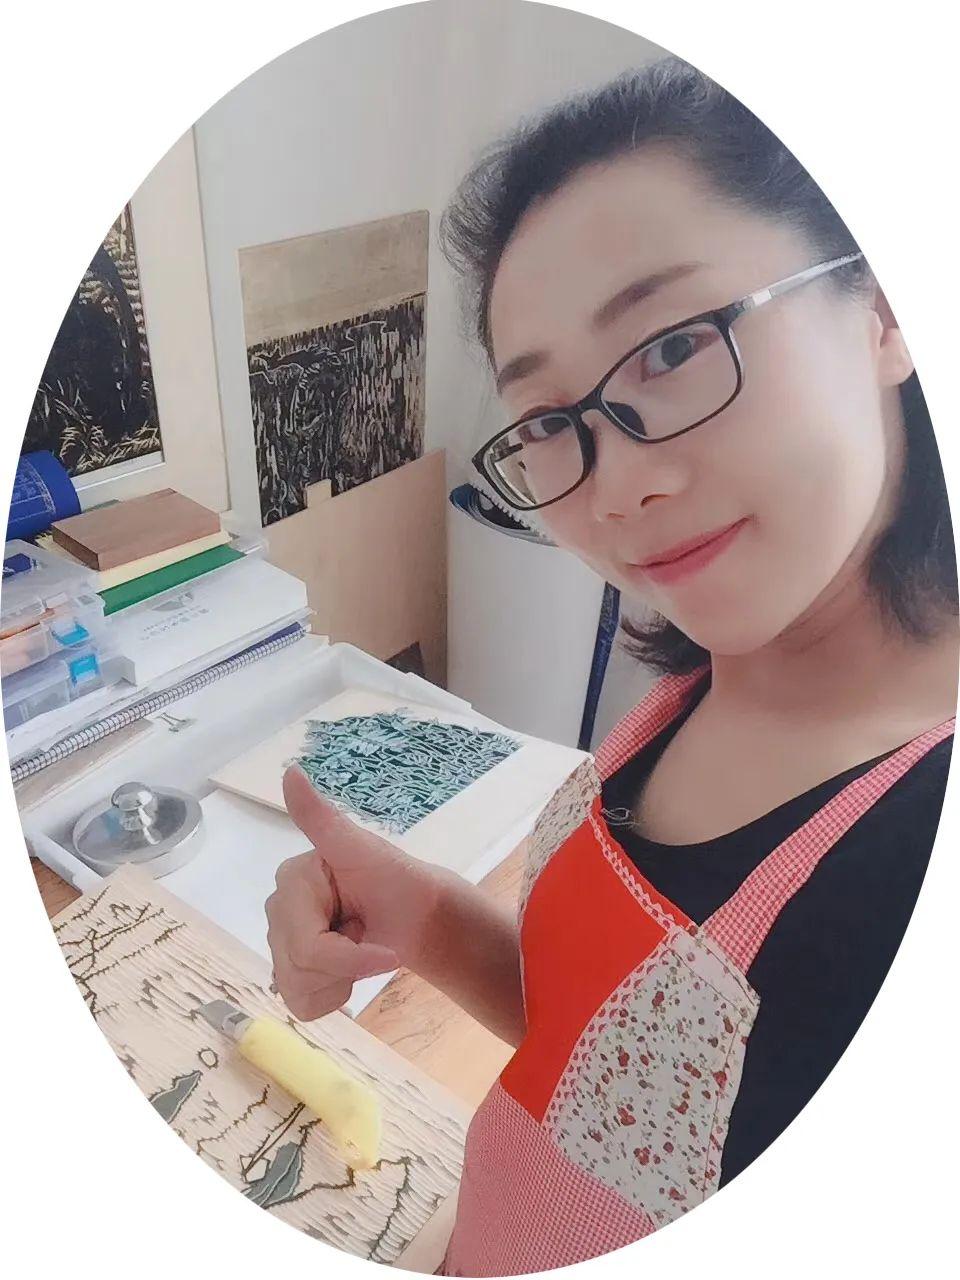 版画家资讯 | 王景婧版画作品